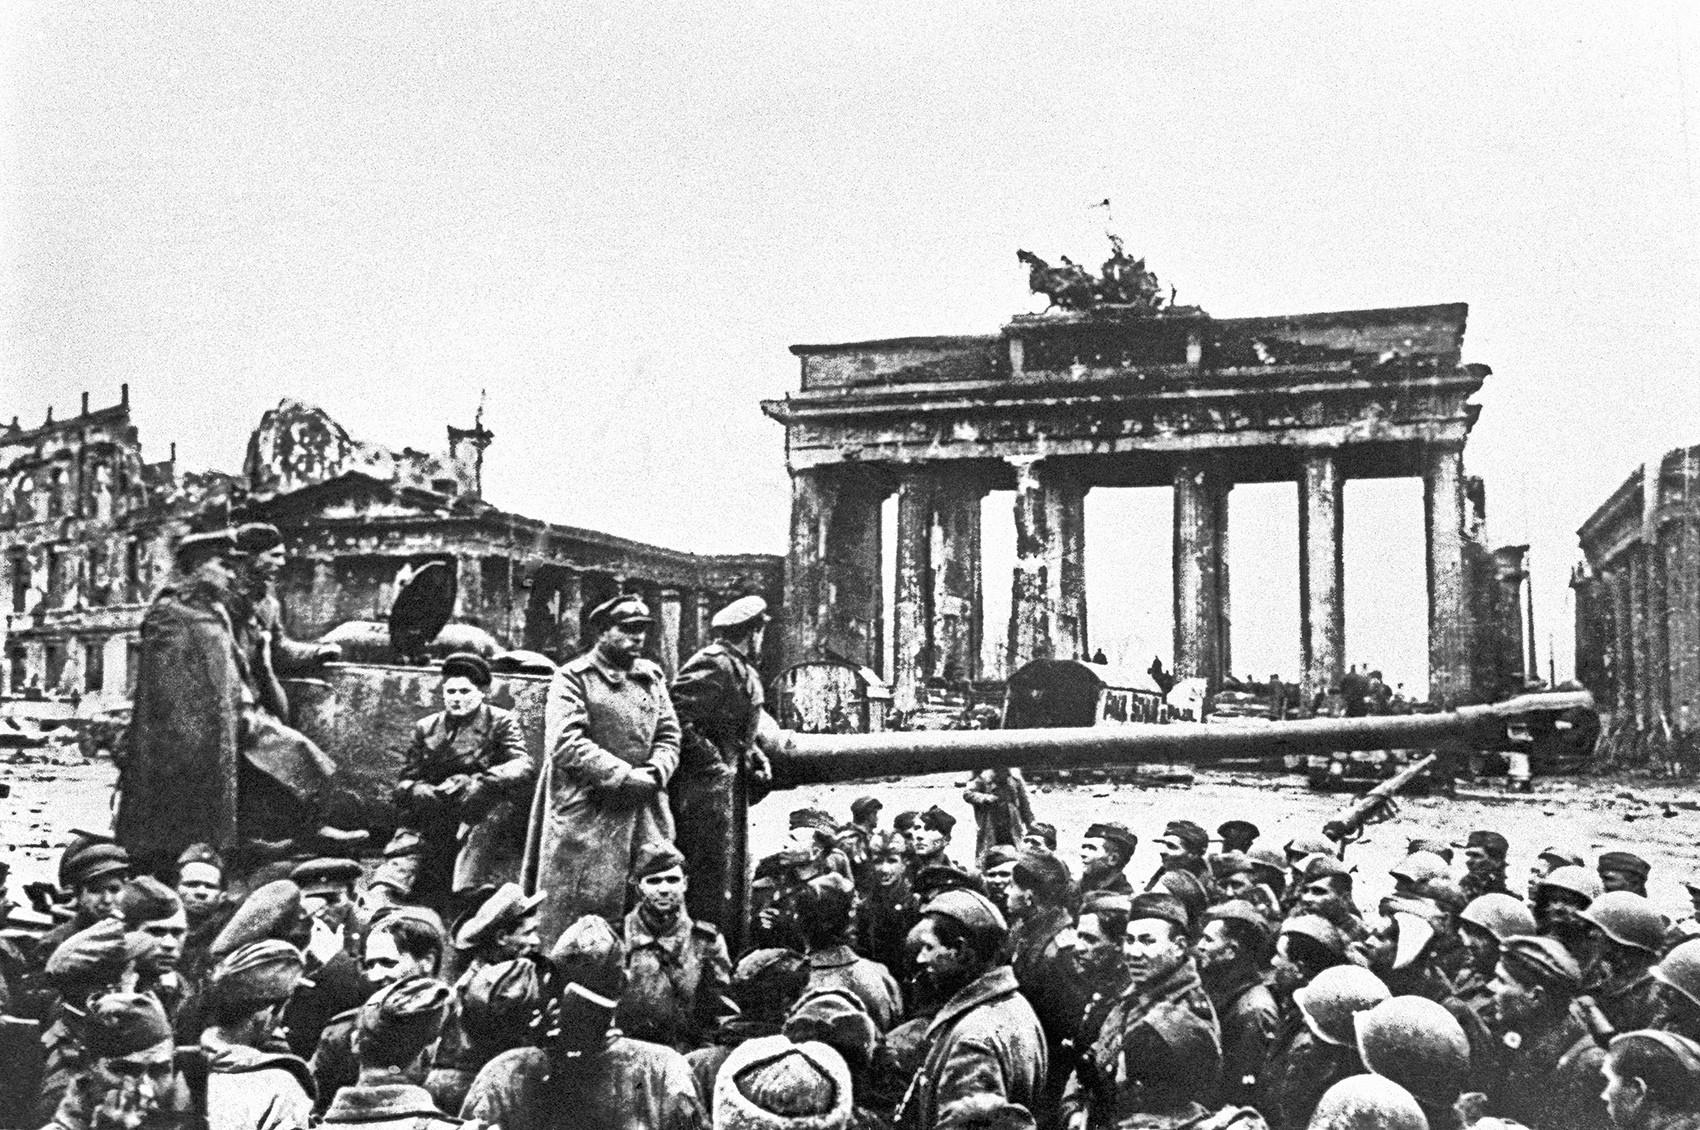 Le truppe sovietiche a Berlino, maggio 1945